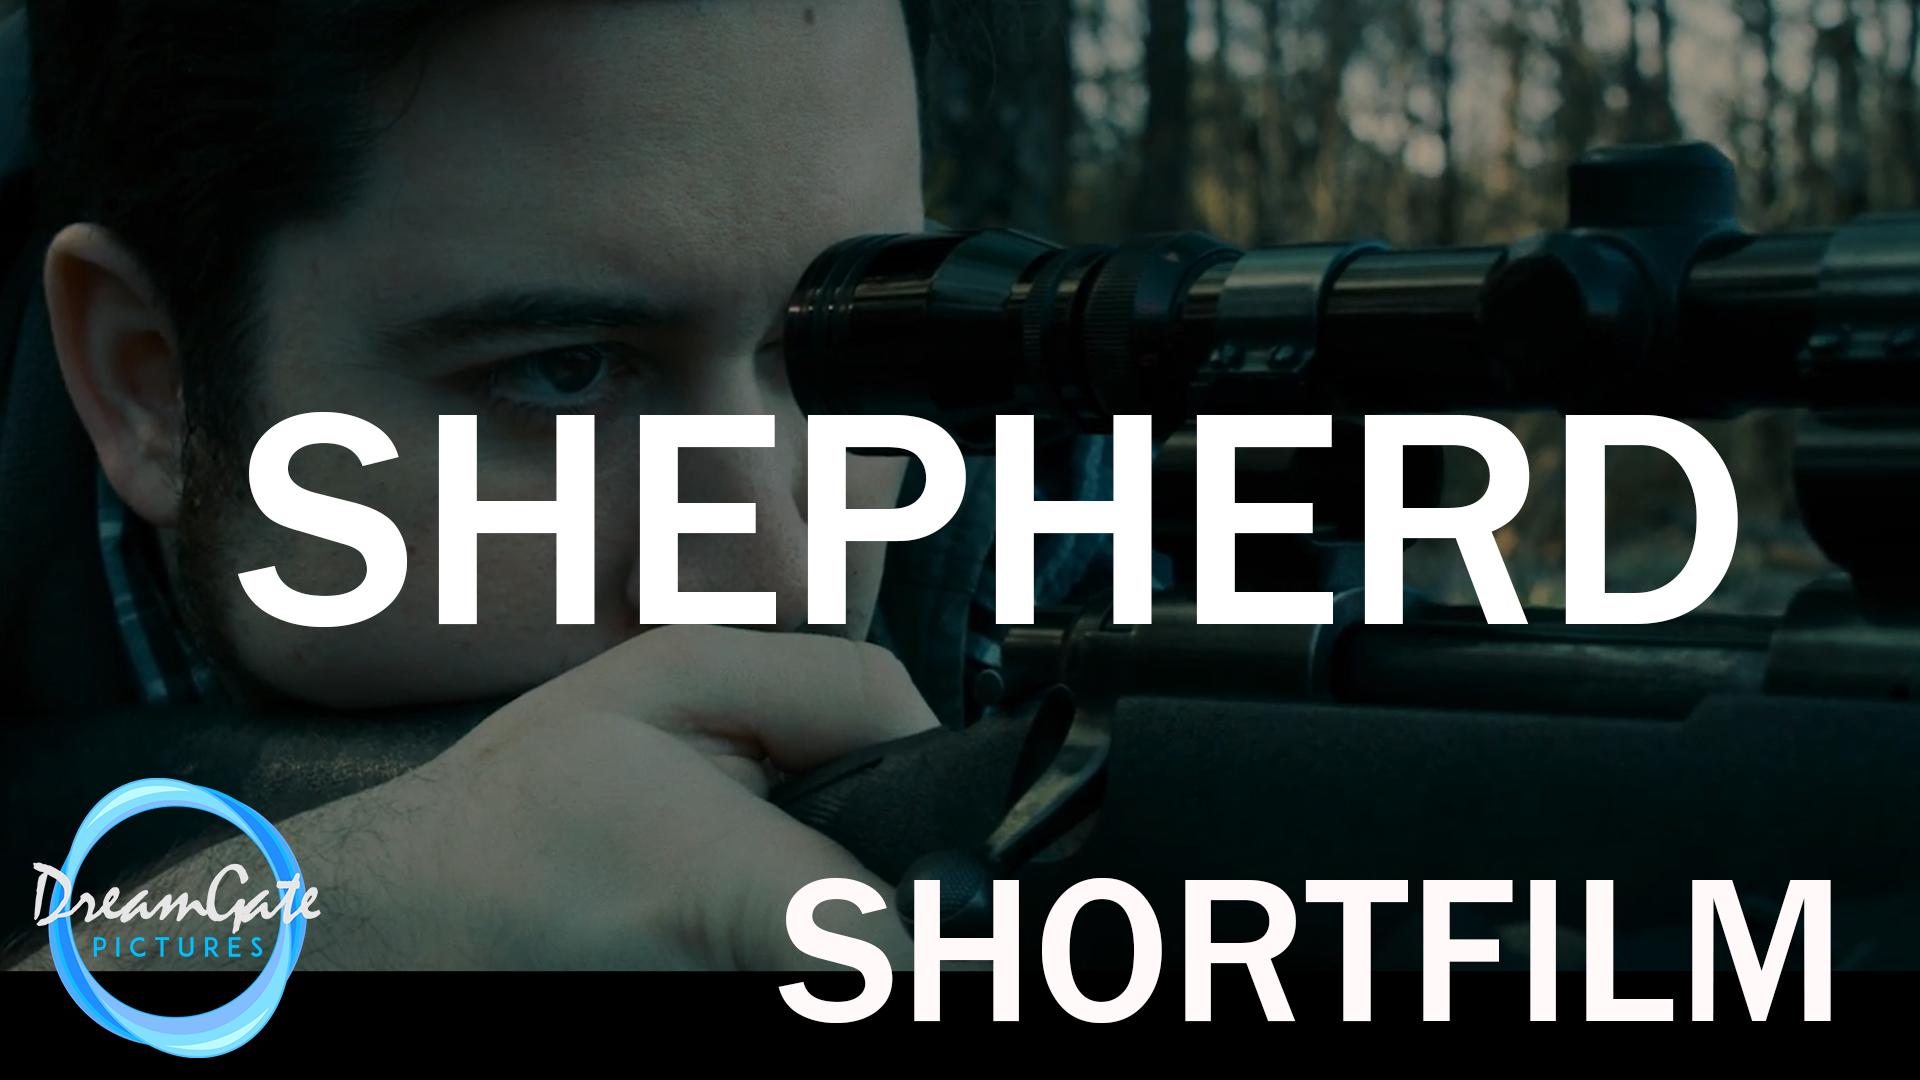 SHEPHERDThumbnail